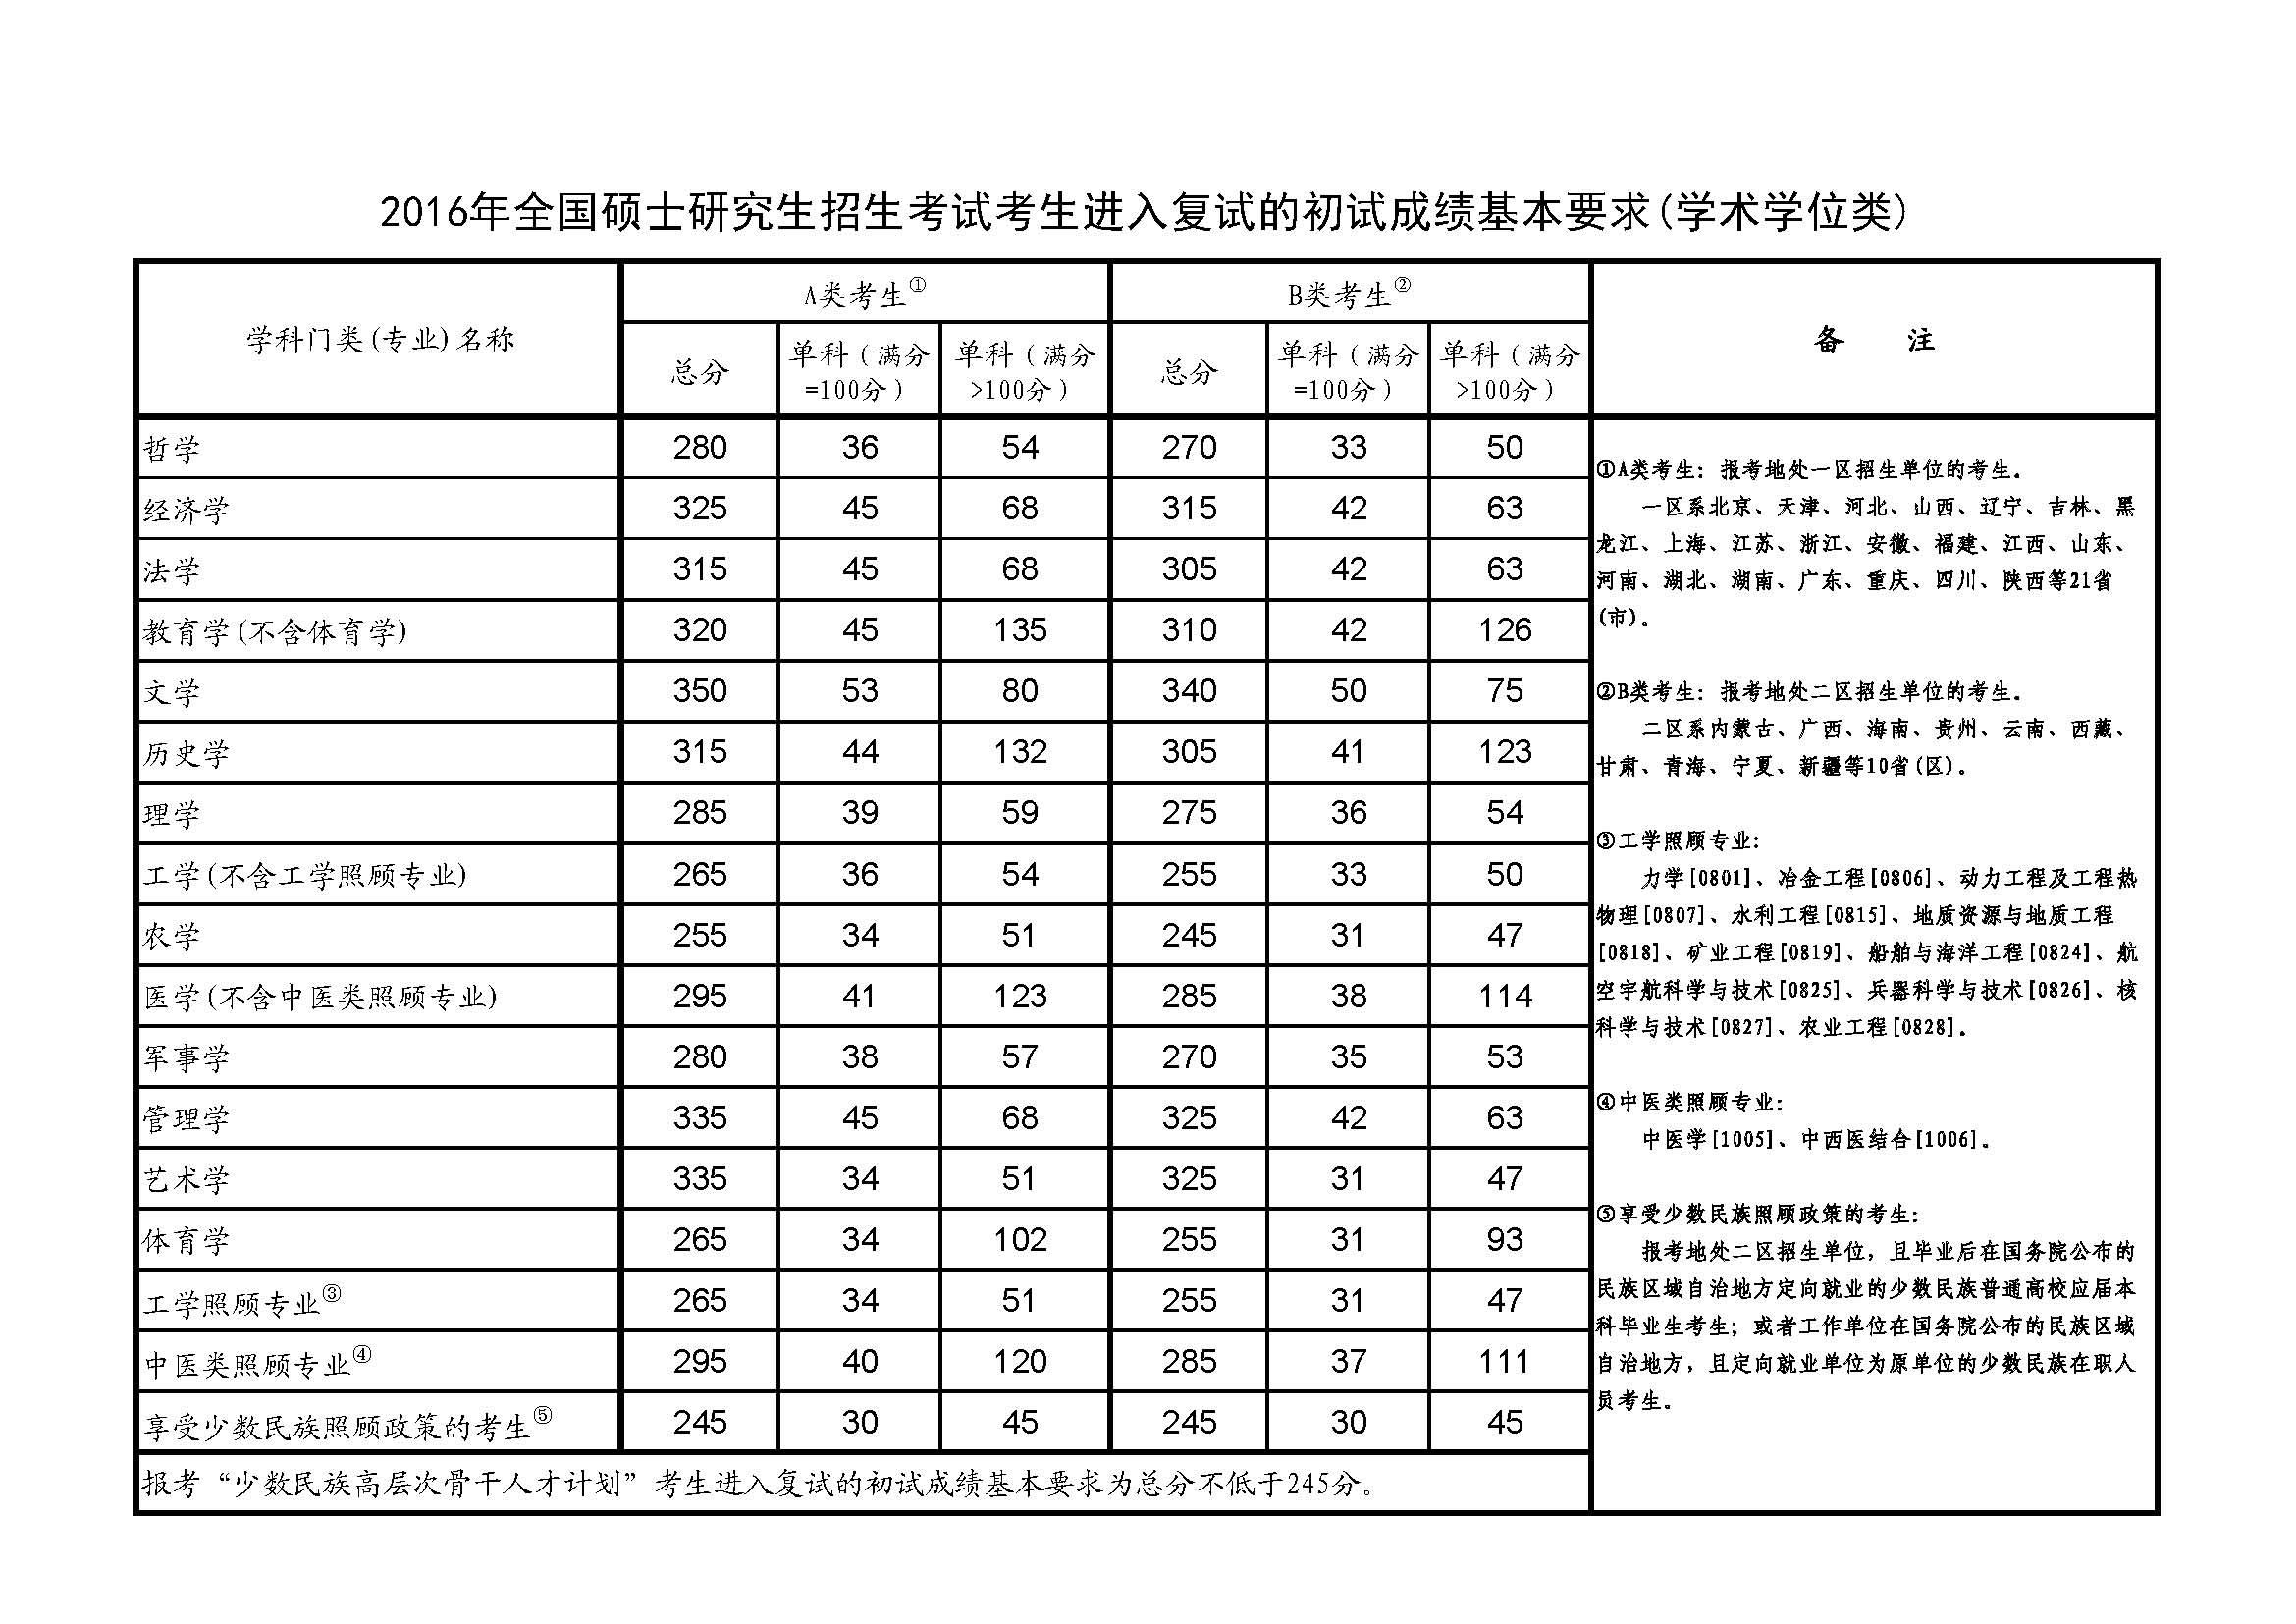 2016年考研国家分数线